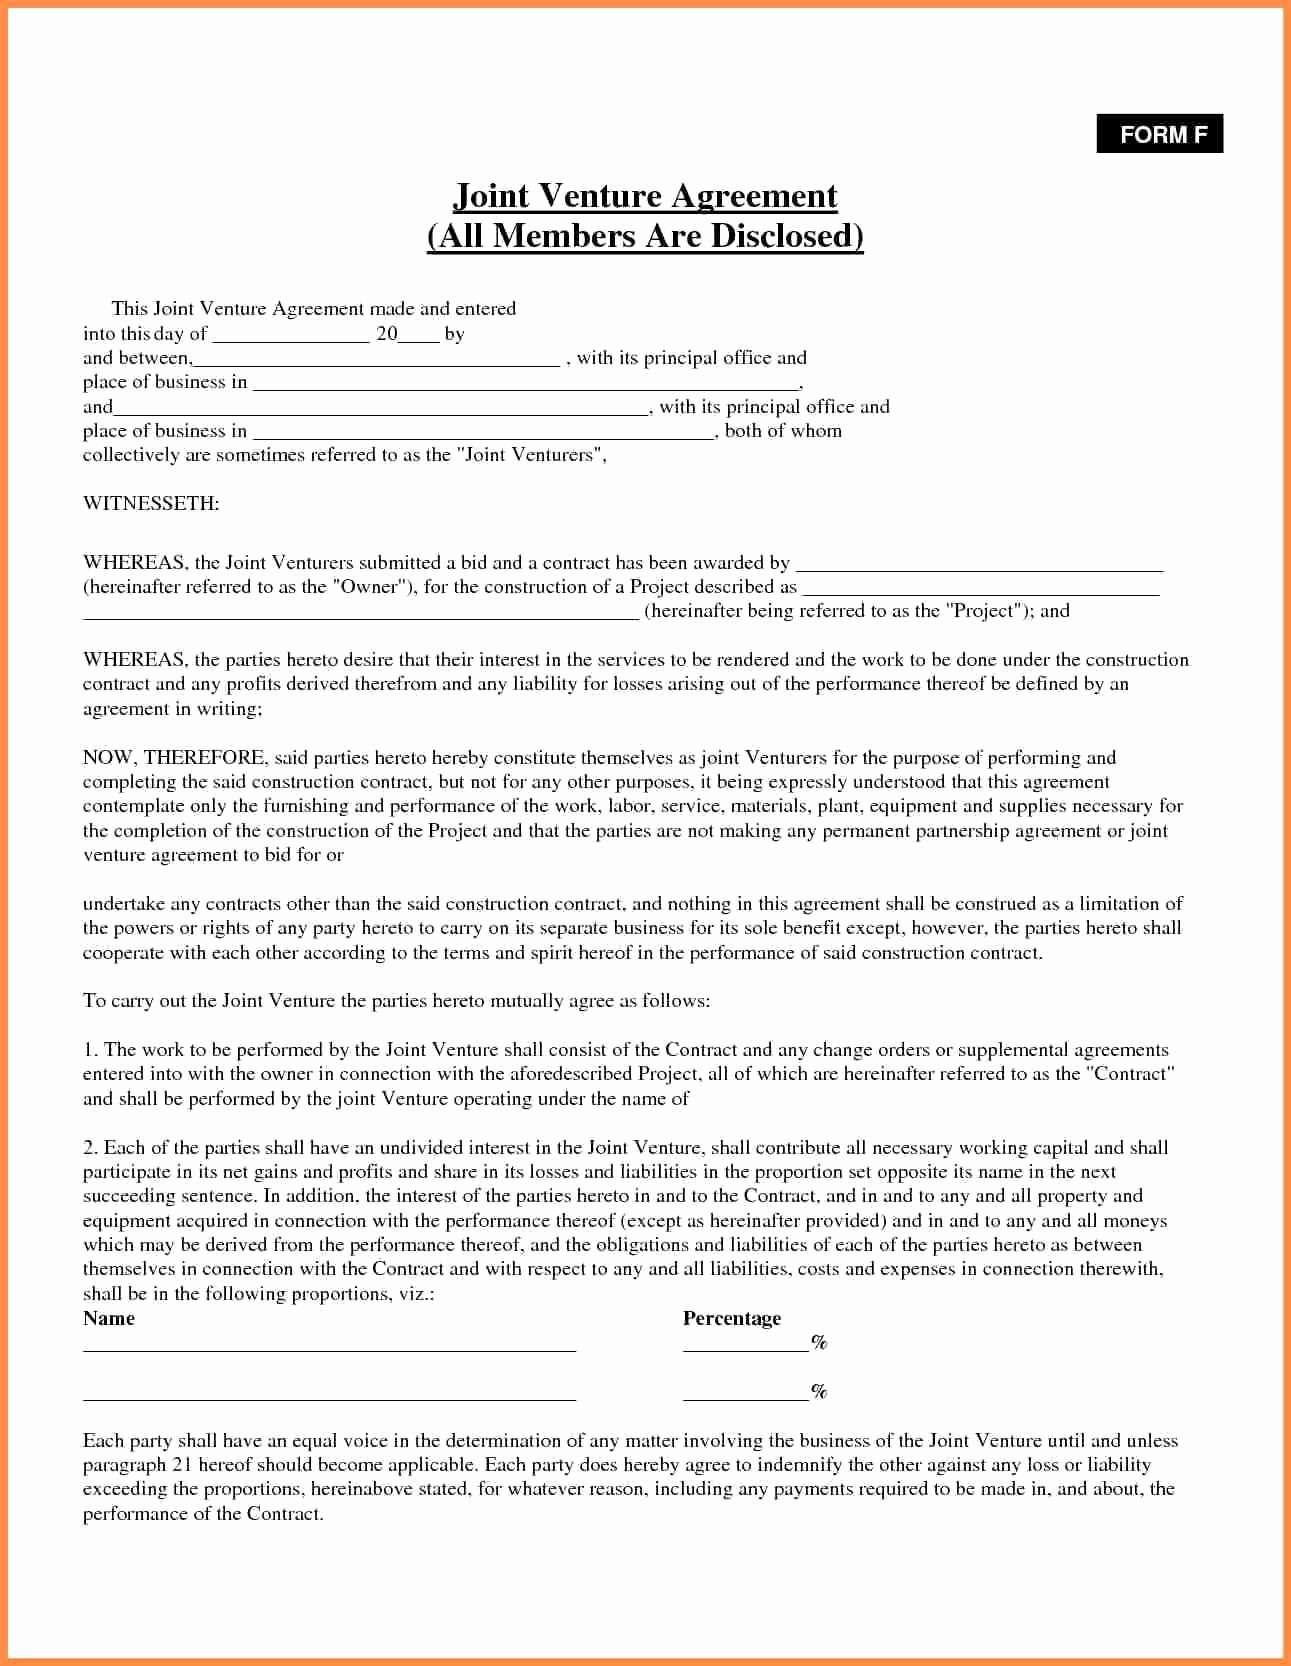 Business Associate Agreement Hipaa Template  Caquetapositivo With Business Associate Agreement Hipaa Template